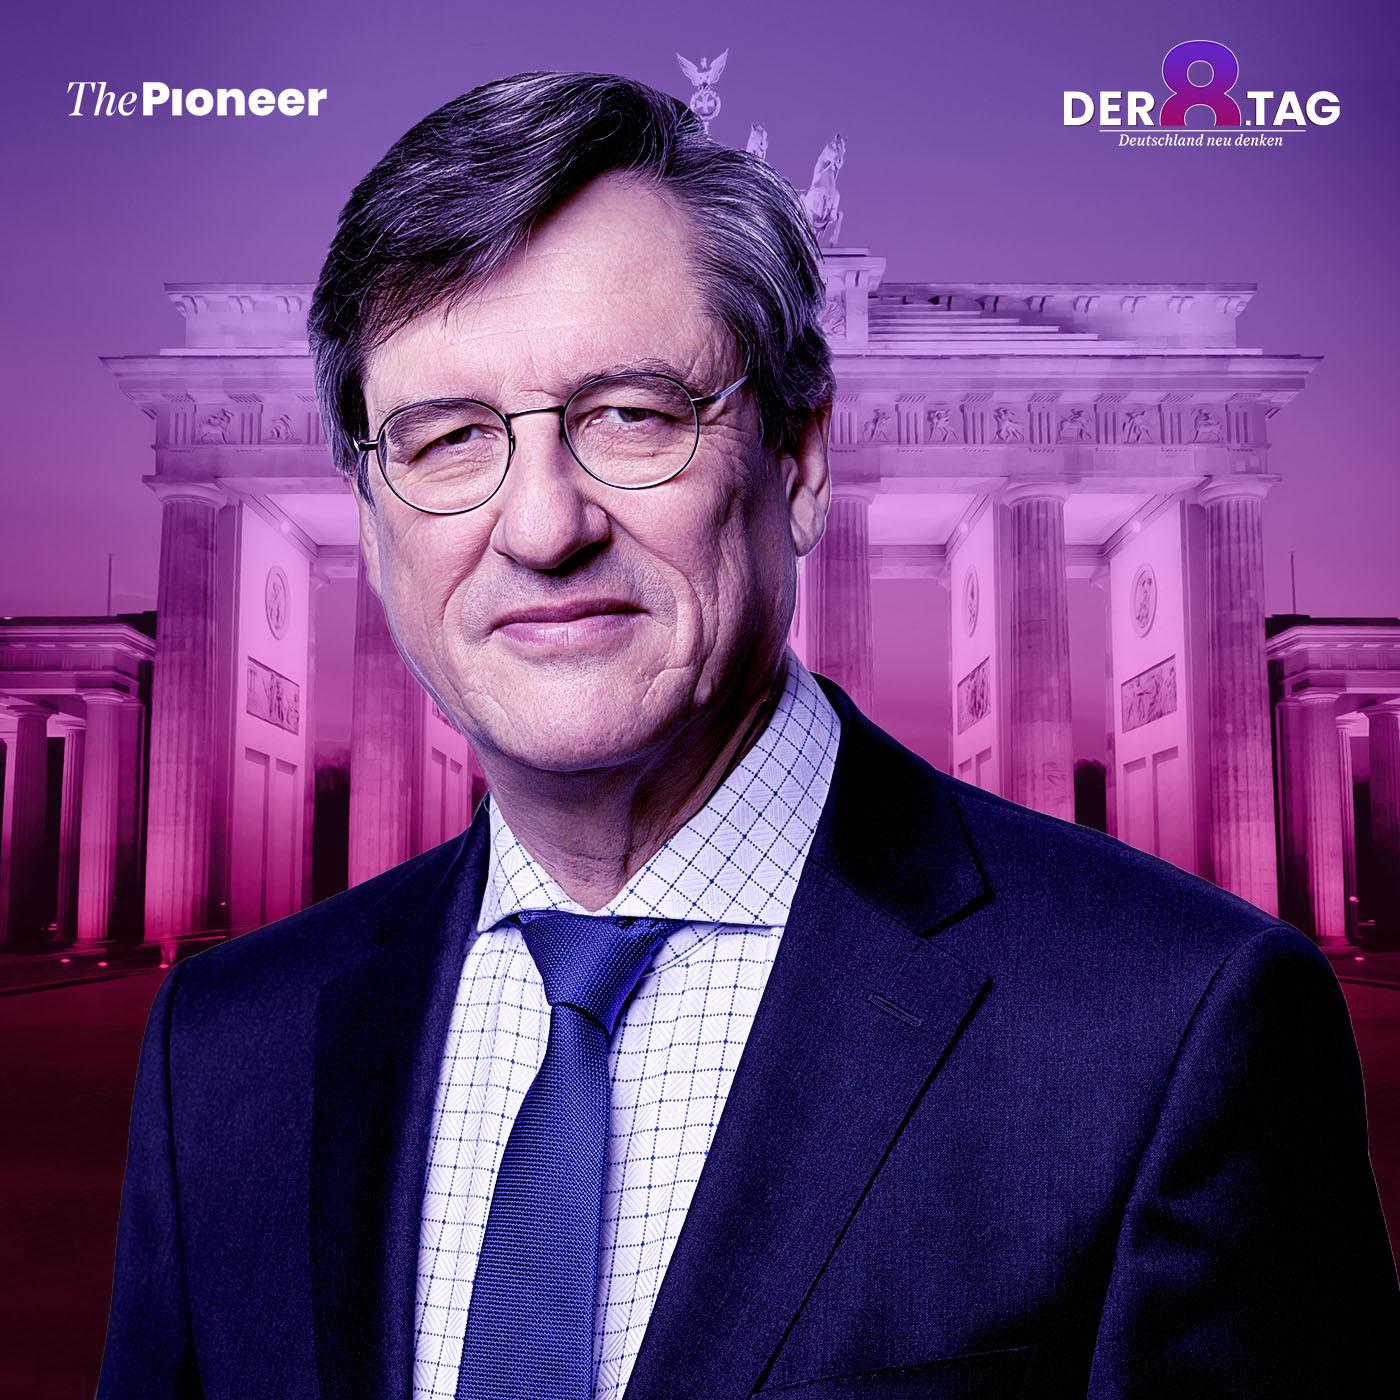 Der achte Tag #36 - Prof. Dr. Karl-Heinz Paqué: 5-Punkte-Plan für Deutschland nach Corona